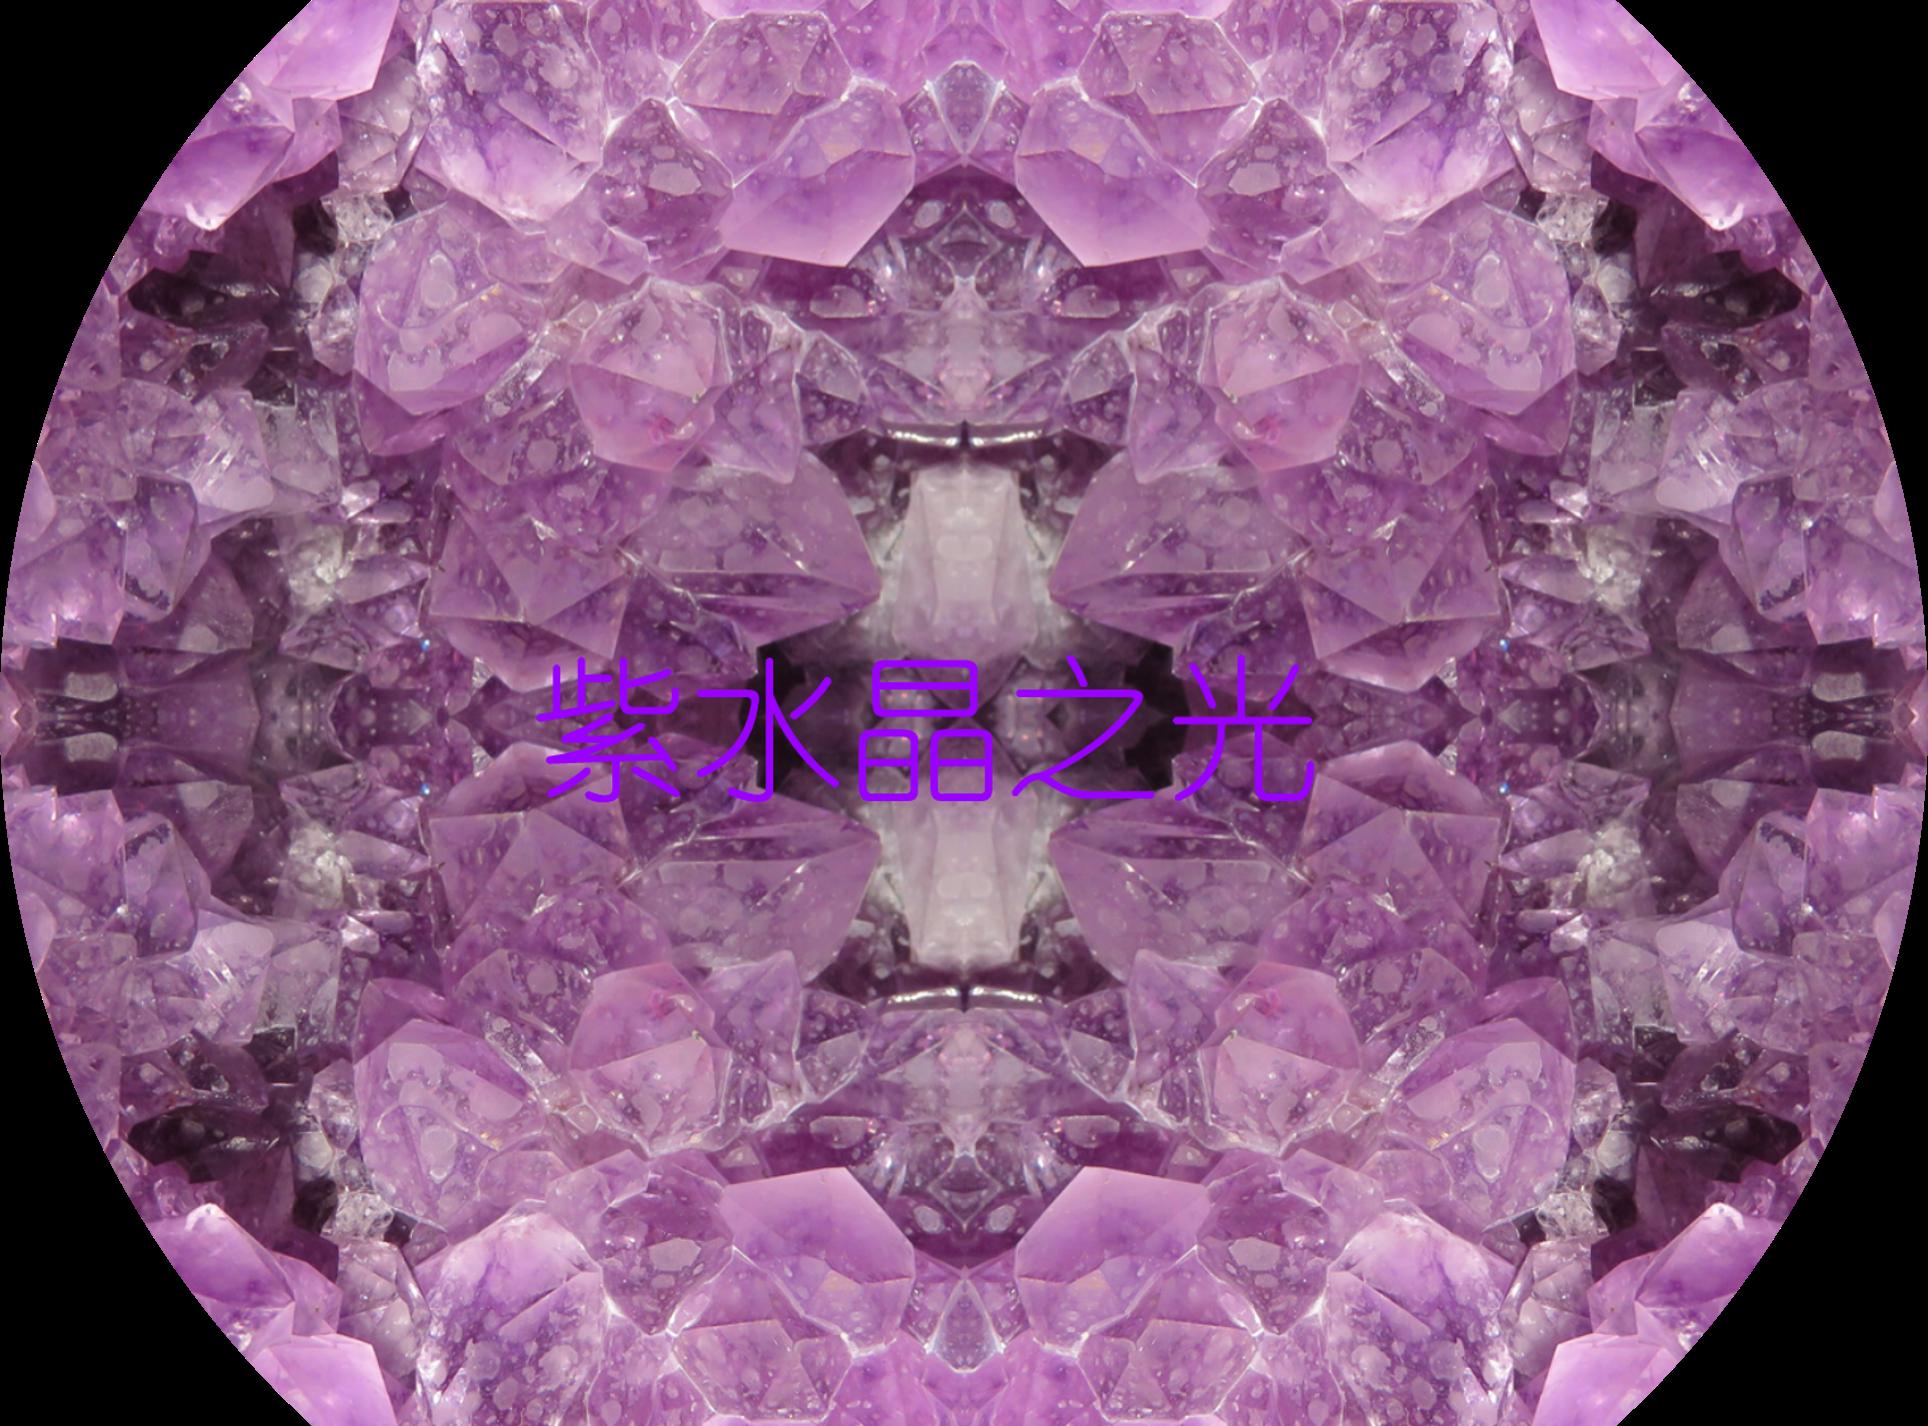 光的課程 初階第一級次紫水晶之光 上師的訊息